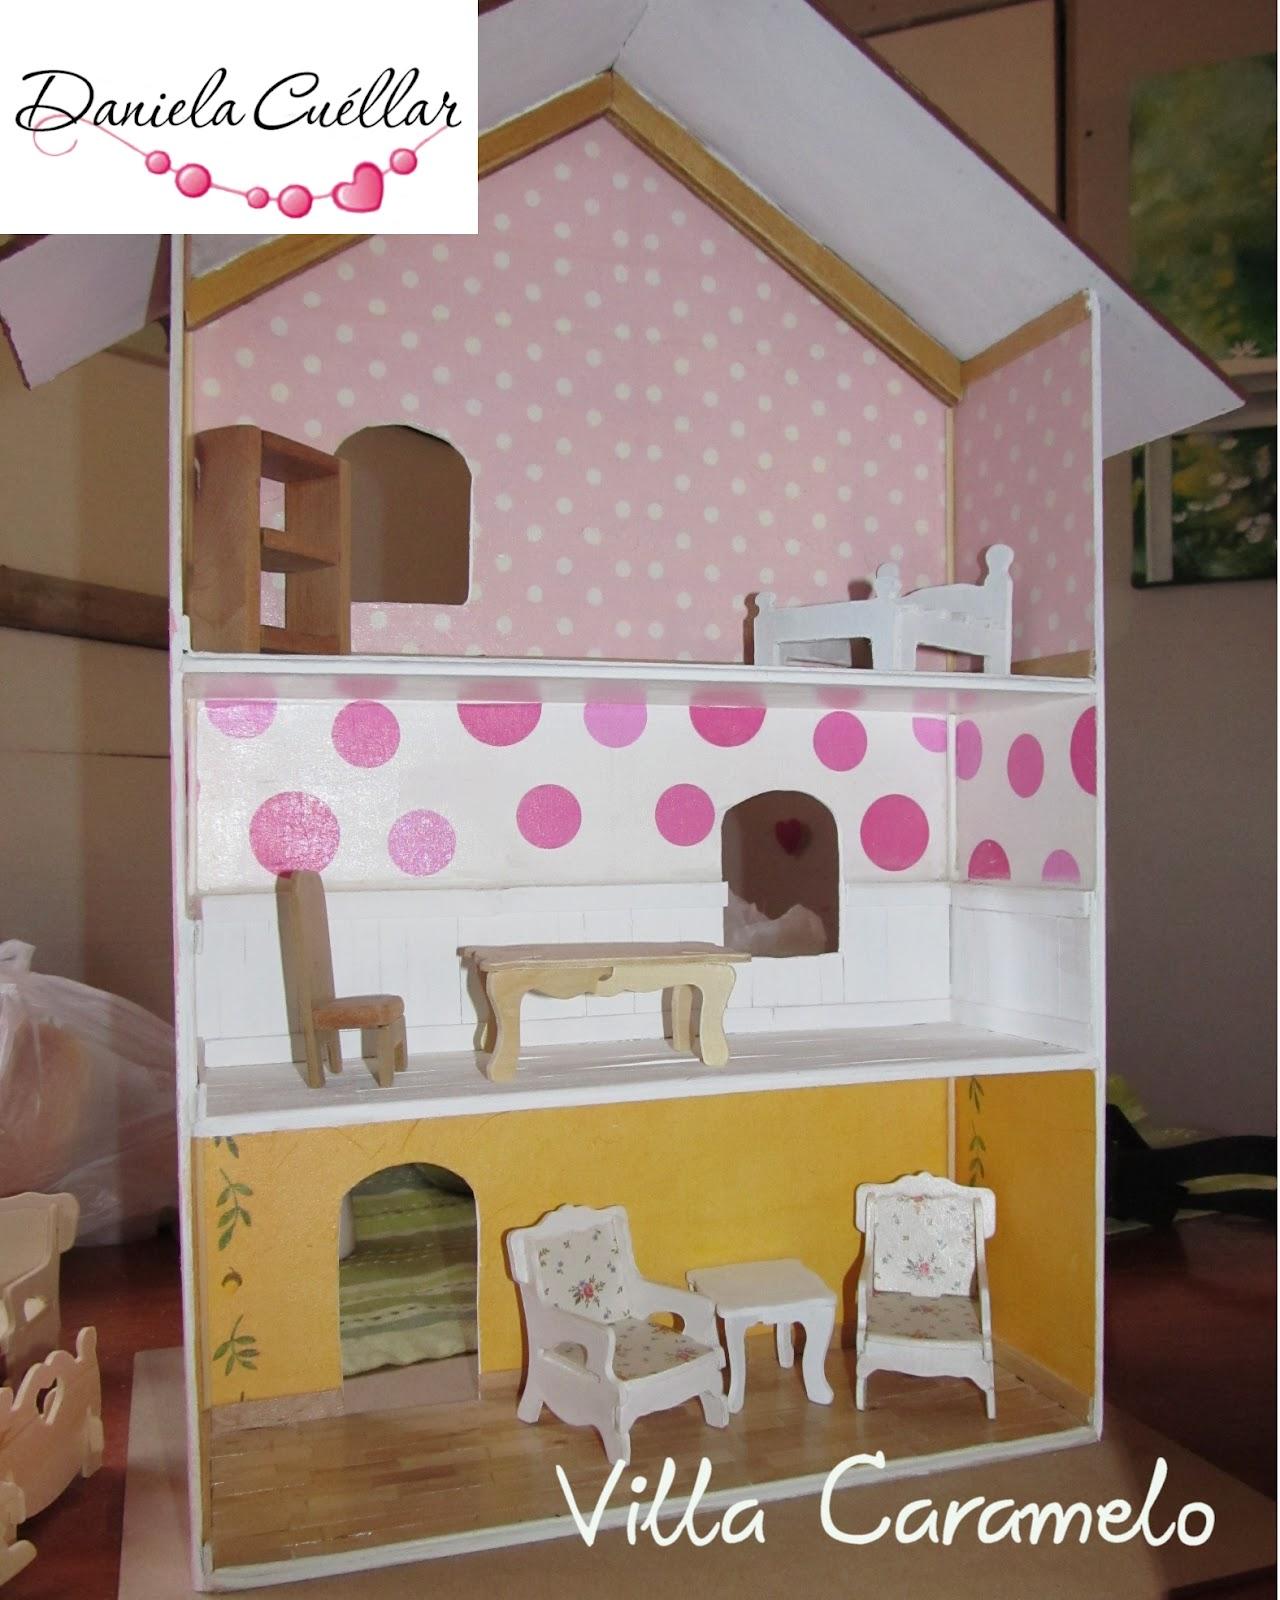 Villa caramelo agosto 2012 for Como hacer el techo de una casa